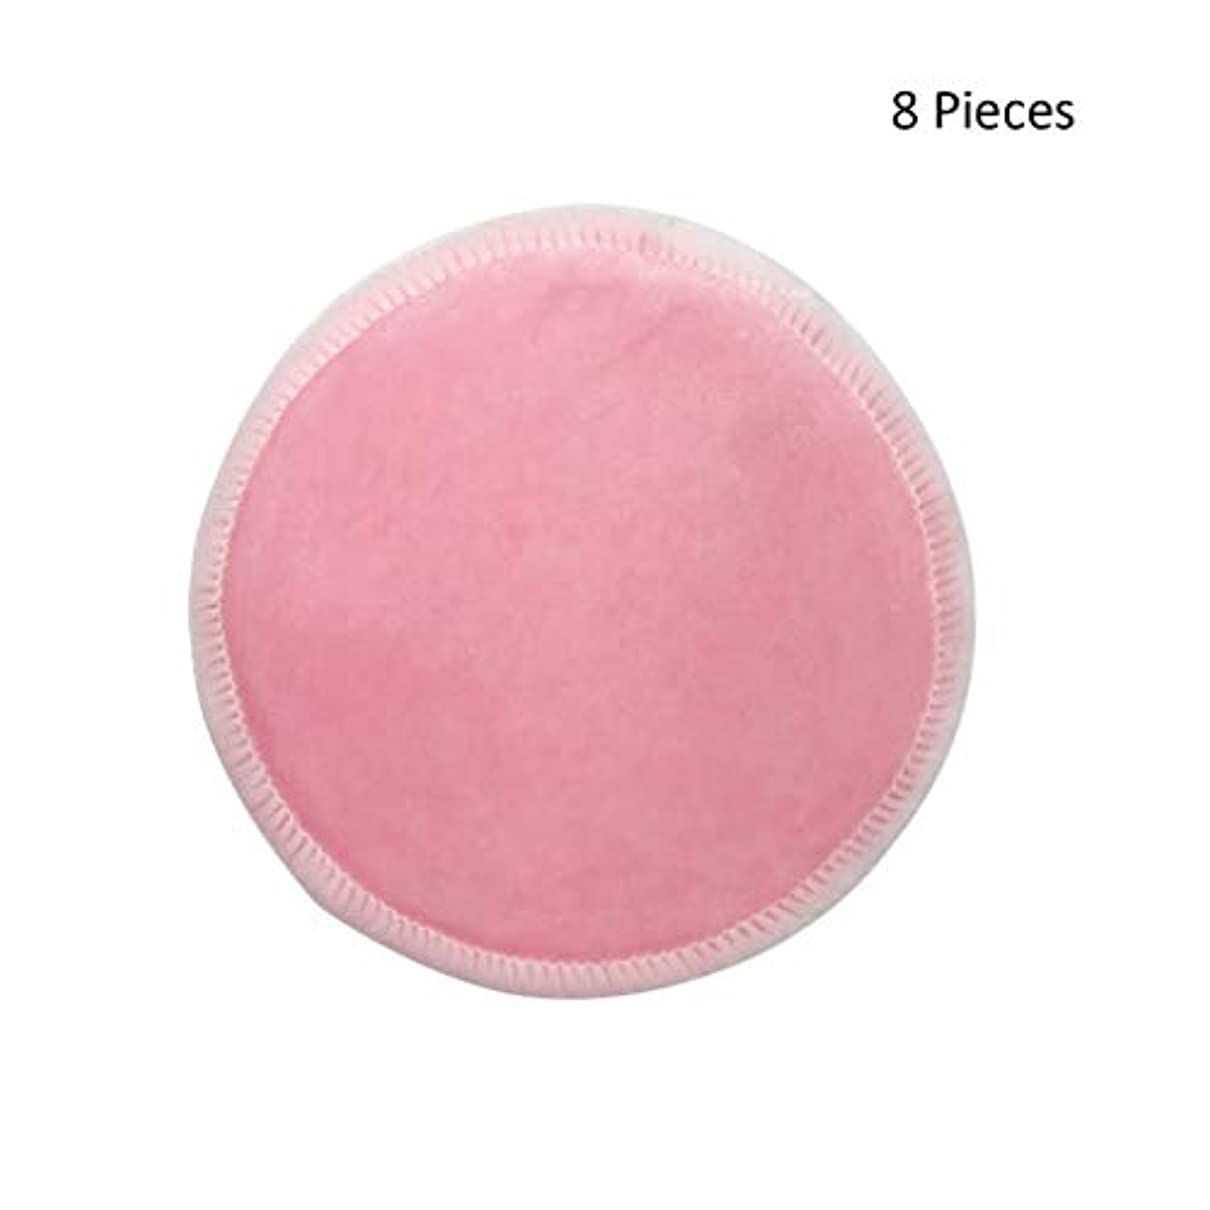 スリンクファントム嬉しいです化粧パッド 竹綿ソフト再利用可能なスキンケアフェイスワイプ洗えるディープクレンジング化粧品ツールラウンドメイク落としパッド8センチ メイク落とし化粧パッド (Color : Multi-colored, サイズ : 12 Pieces)